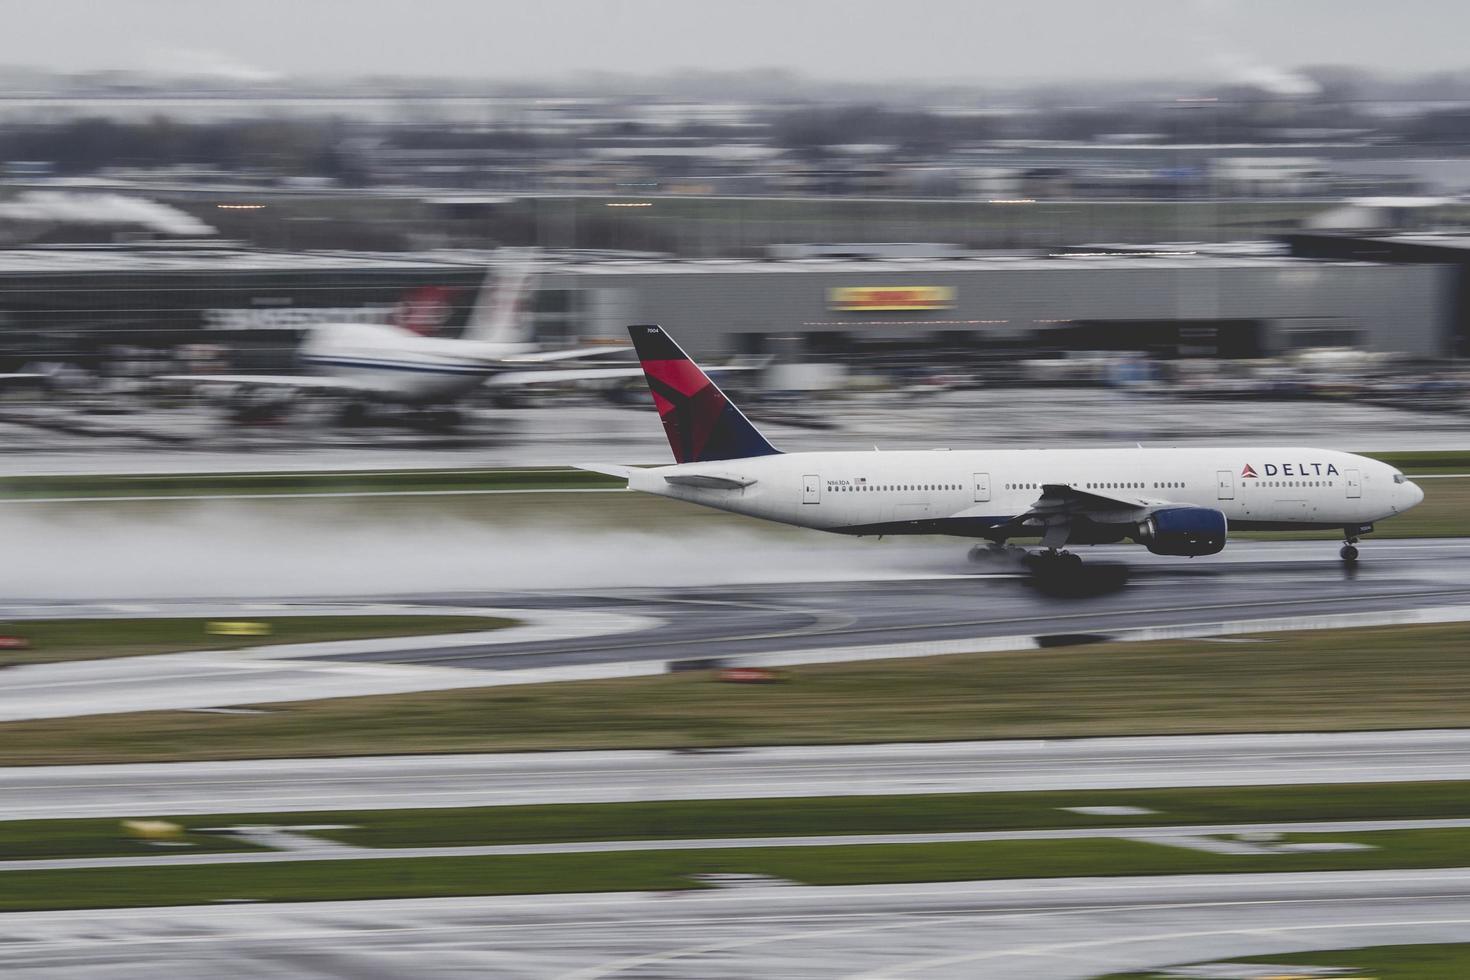 holanda, avião em delta de 2013 pousa no aeroporto schiphol de amsterdã foto